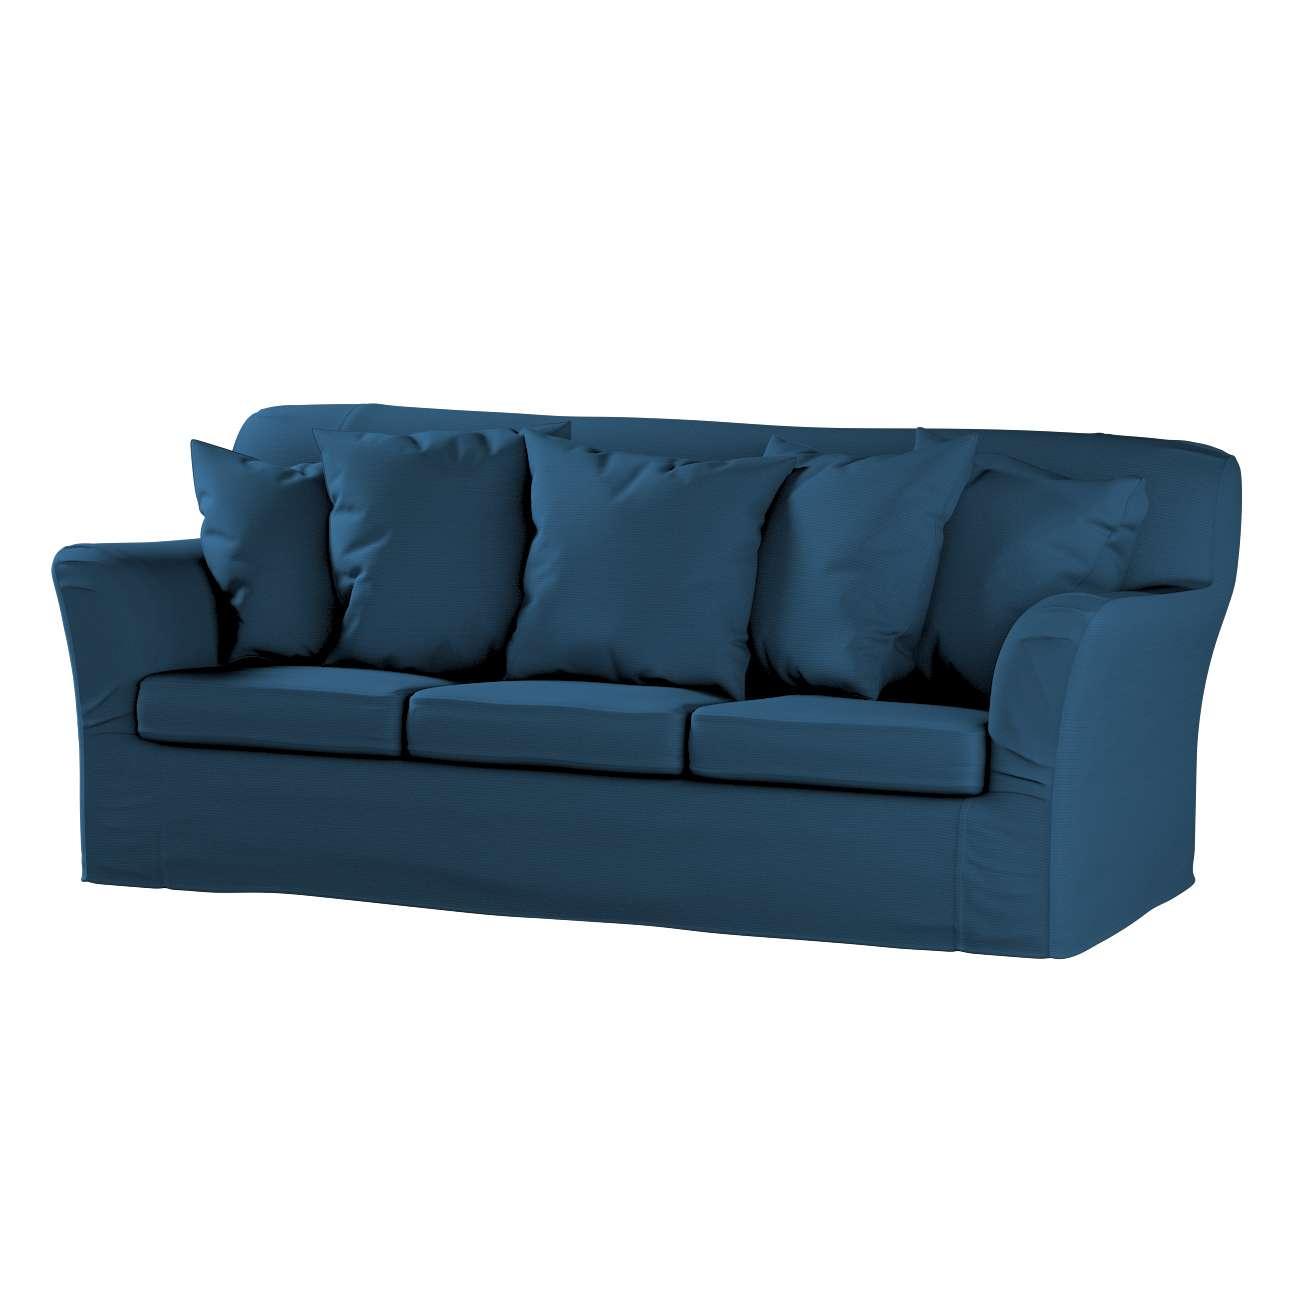 TOMELILLA  trivietės sofos užvalkalas TOMELILLA trivietė sofa kolekcijoje Cotton Panama, audinys: 702-30